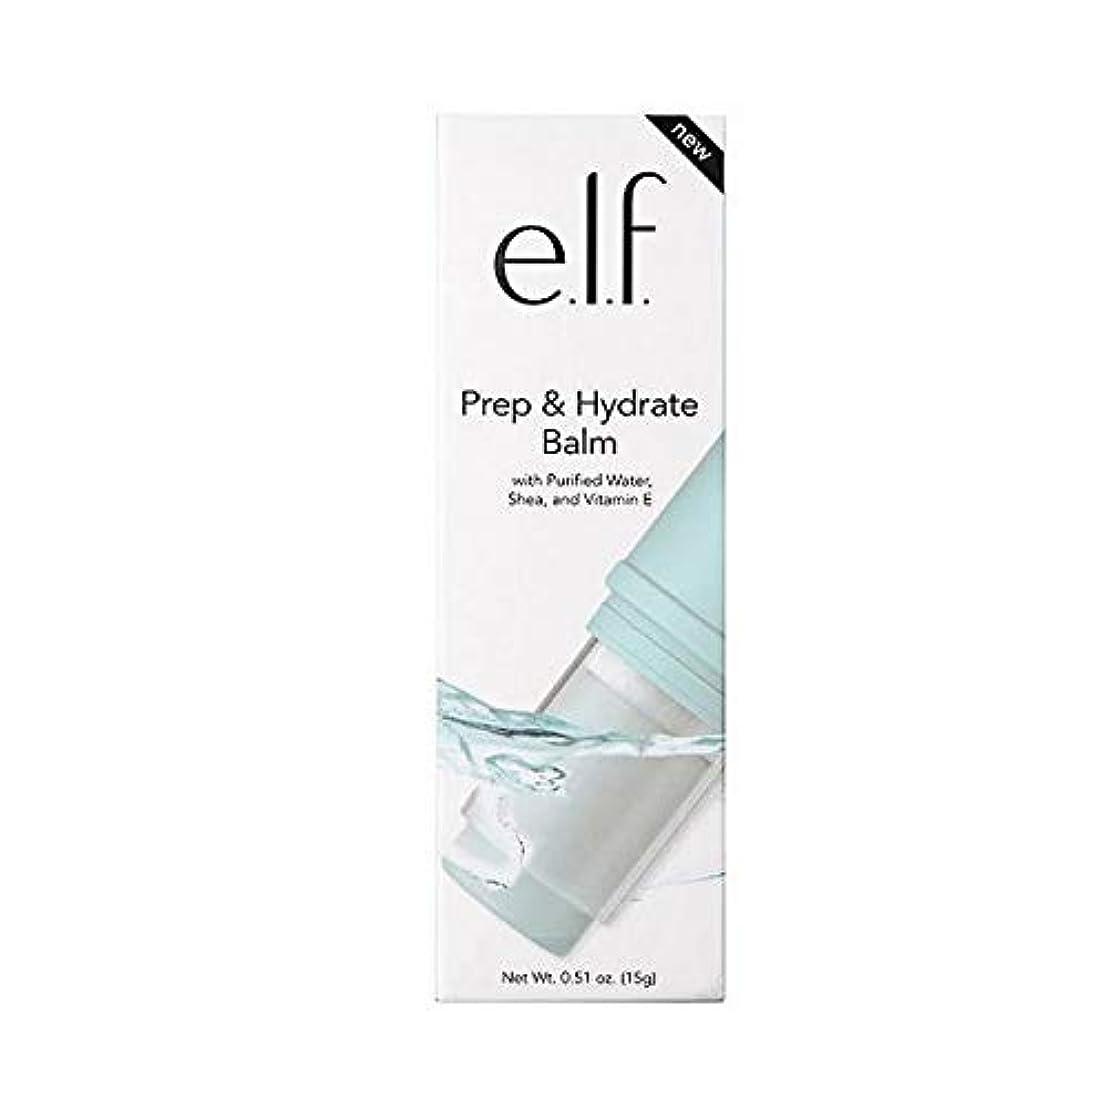 繊毛メタン距離[Elf ] エルフ。予備校&ハイドレートクリーム - e.l.f. Prep & Hydrate Balm [並行輸入品]